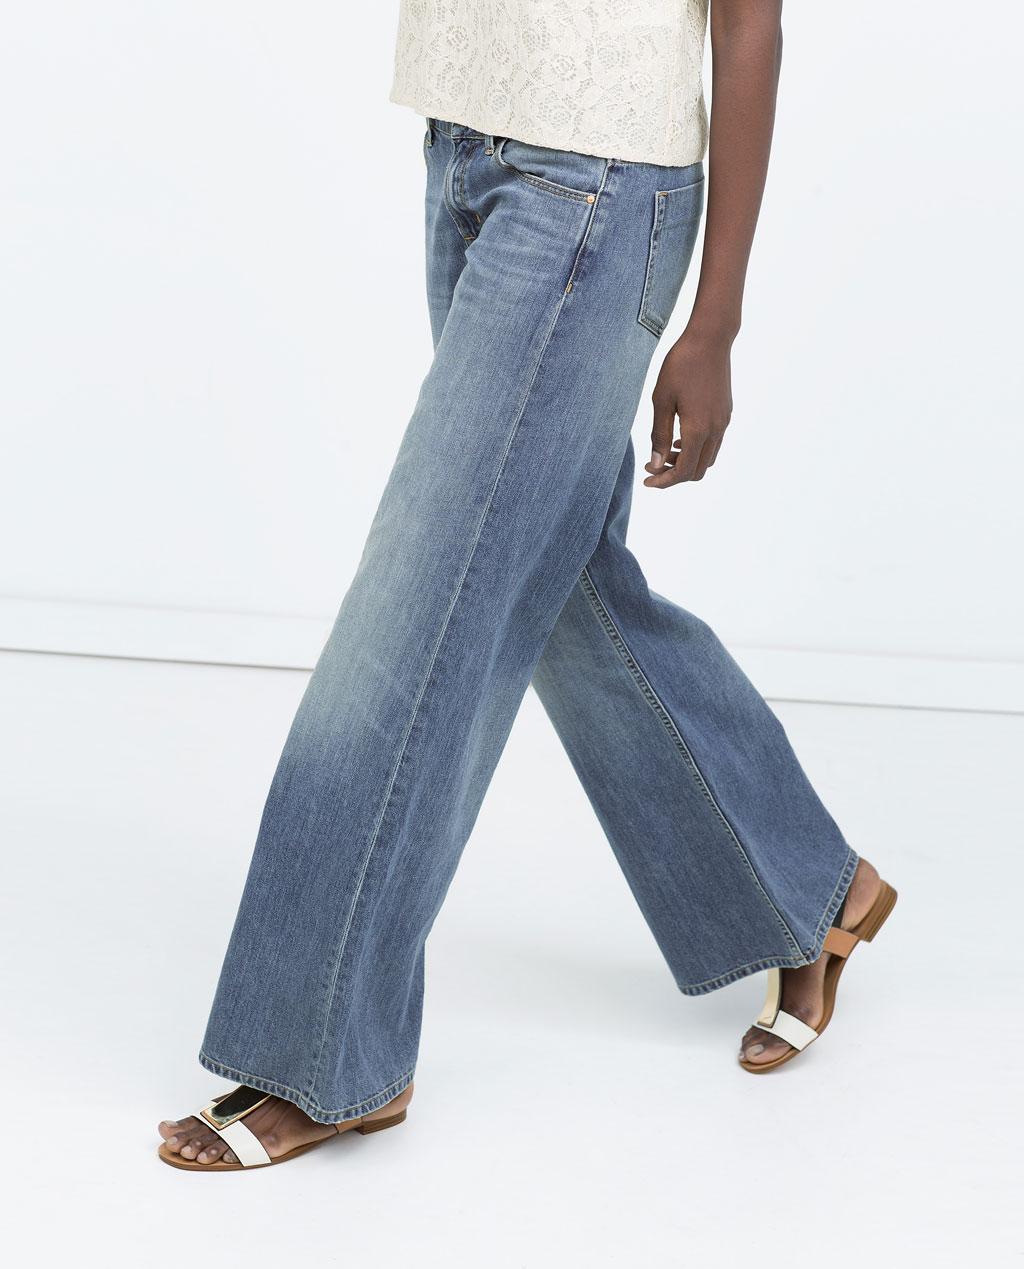 Wide leg jeans fashion 70